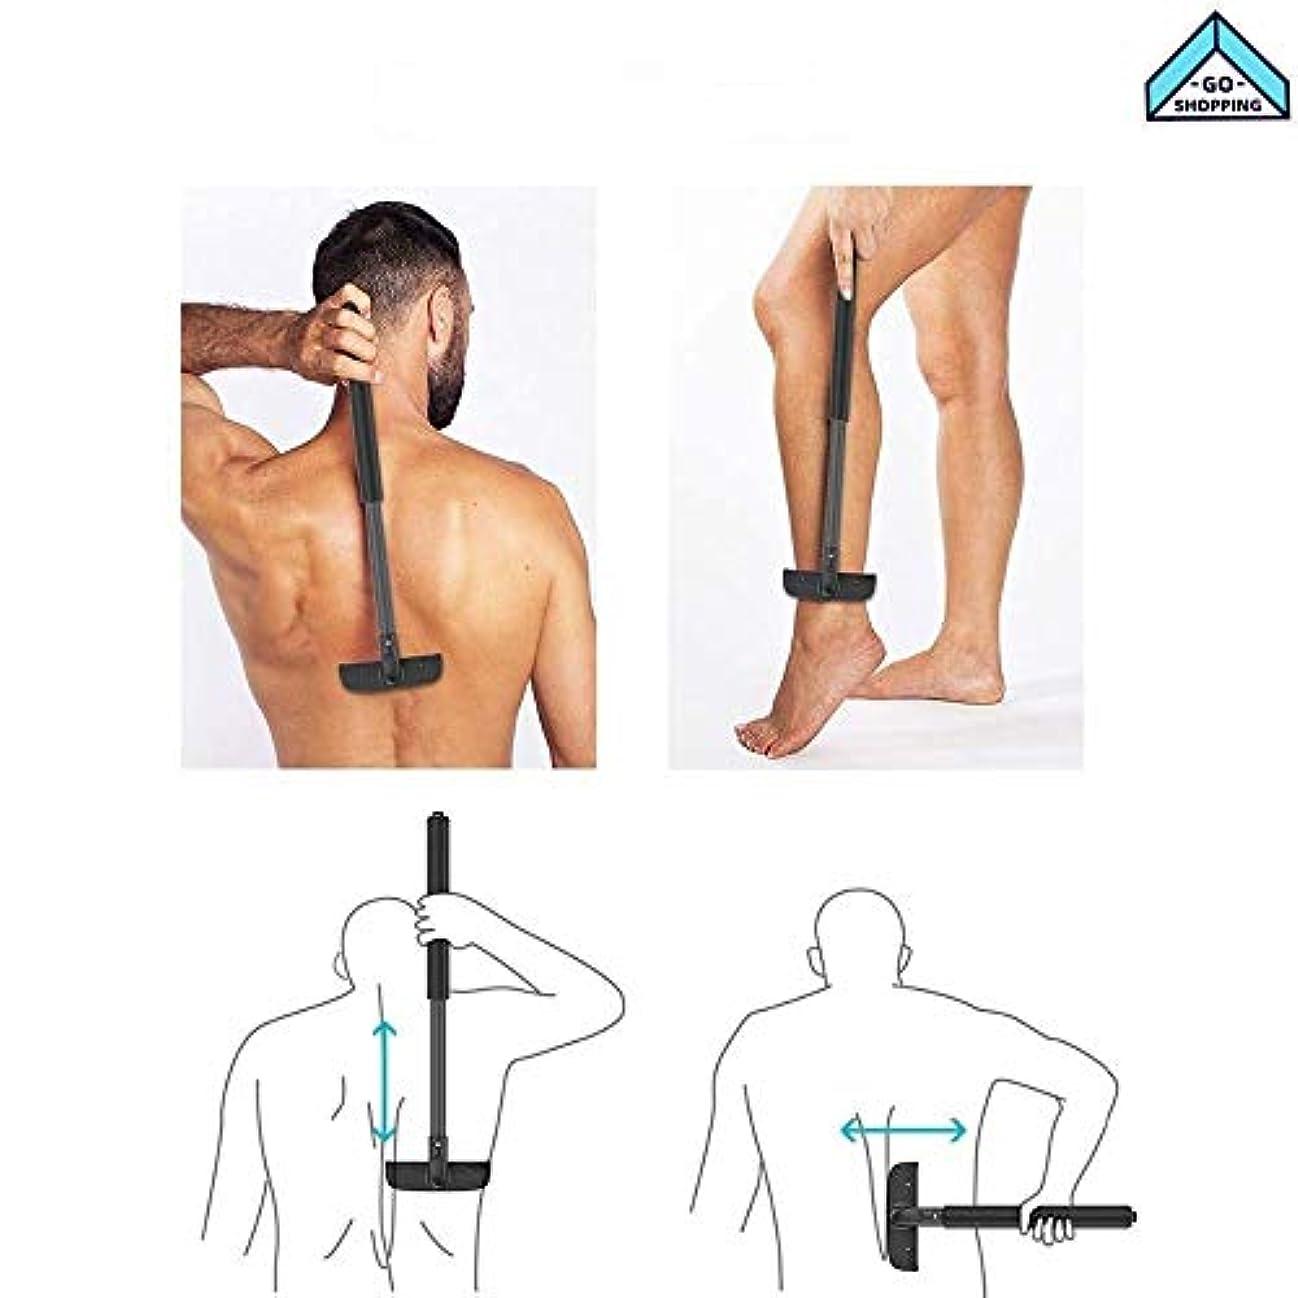 明快優れましたセーブNICEE拡張可能なハンドルの痛みのないひげを剃った男性のための背中の脱毛使いやすい乾湿両方の背中の脱毛剤